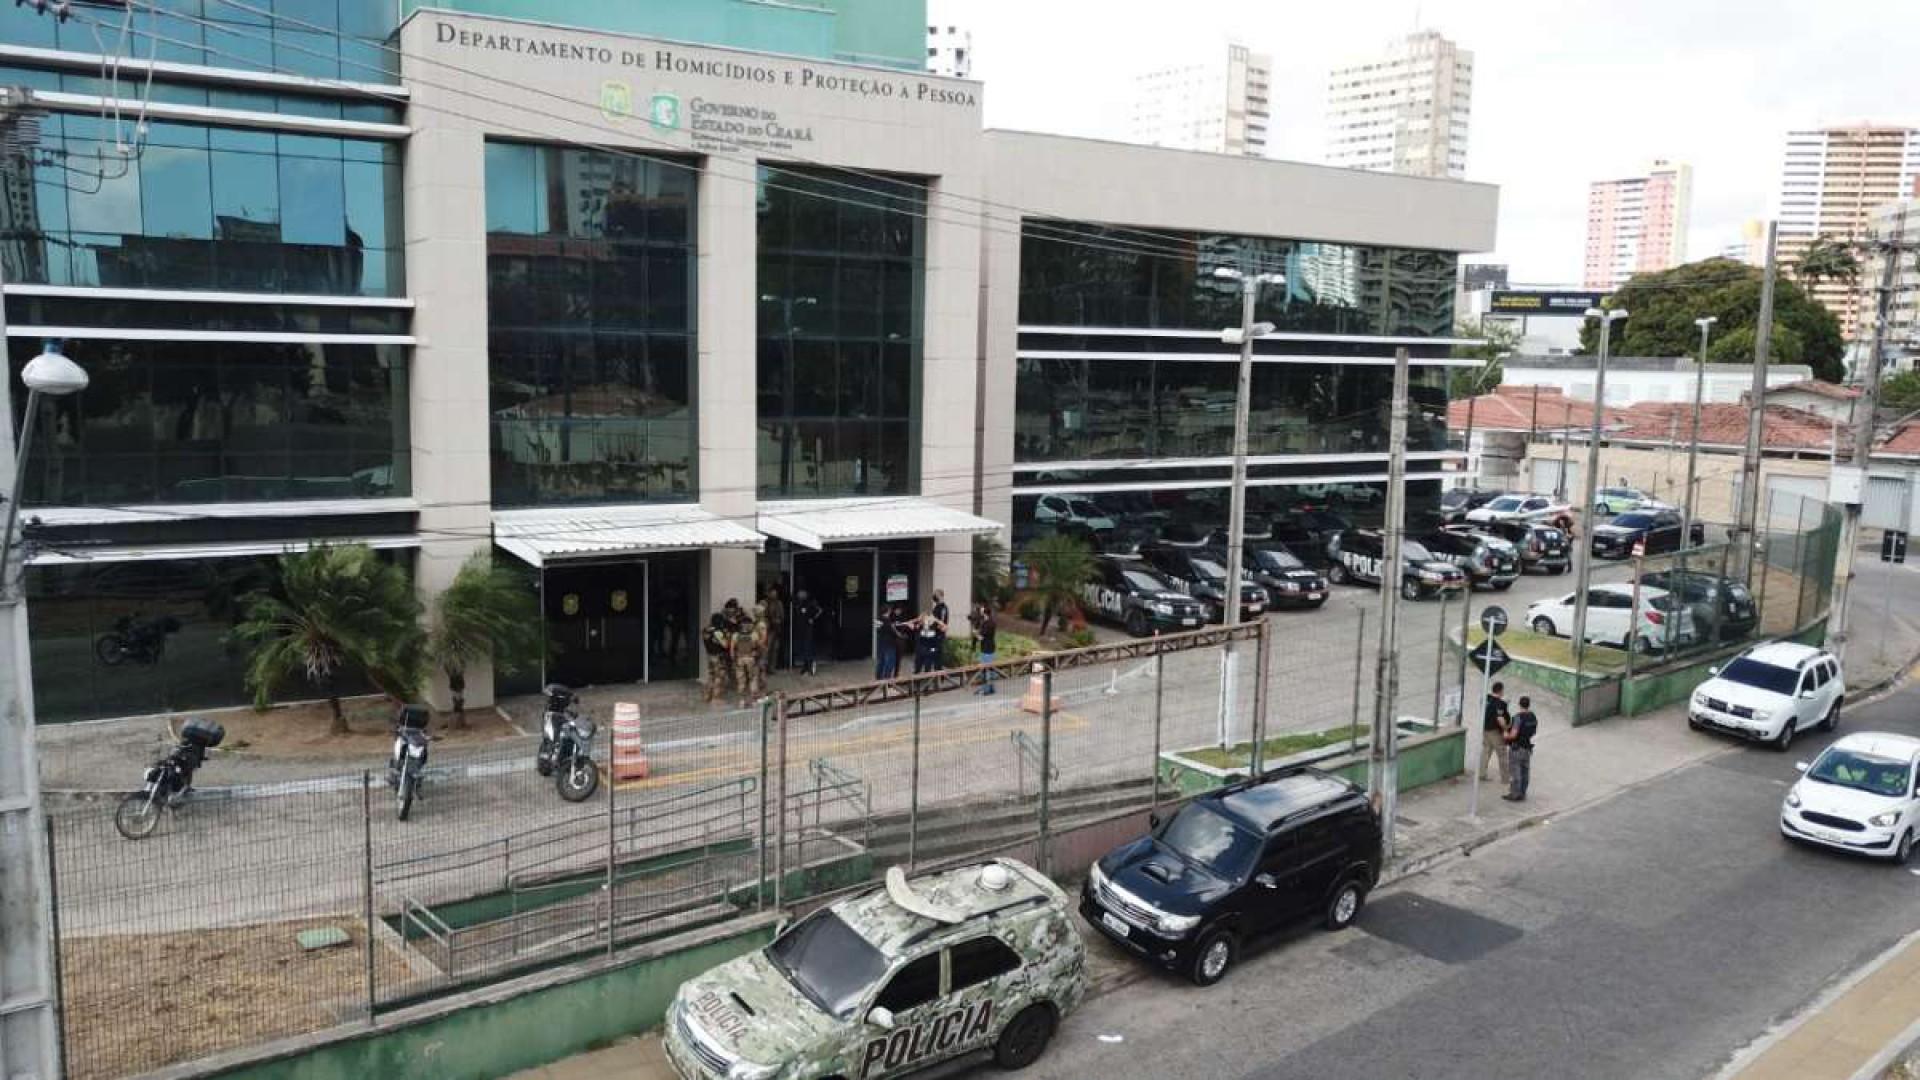 DHPP é responsável por investigar assassinatos consumados em Fortaleza e em mais oito cidades da Região Metropolitana